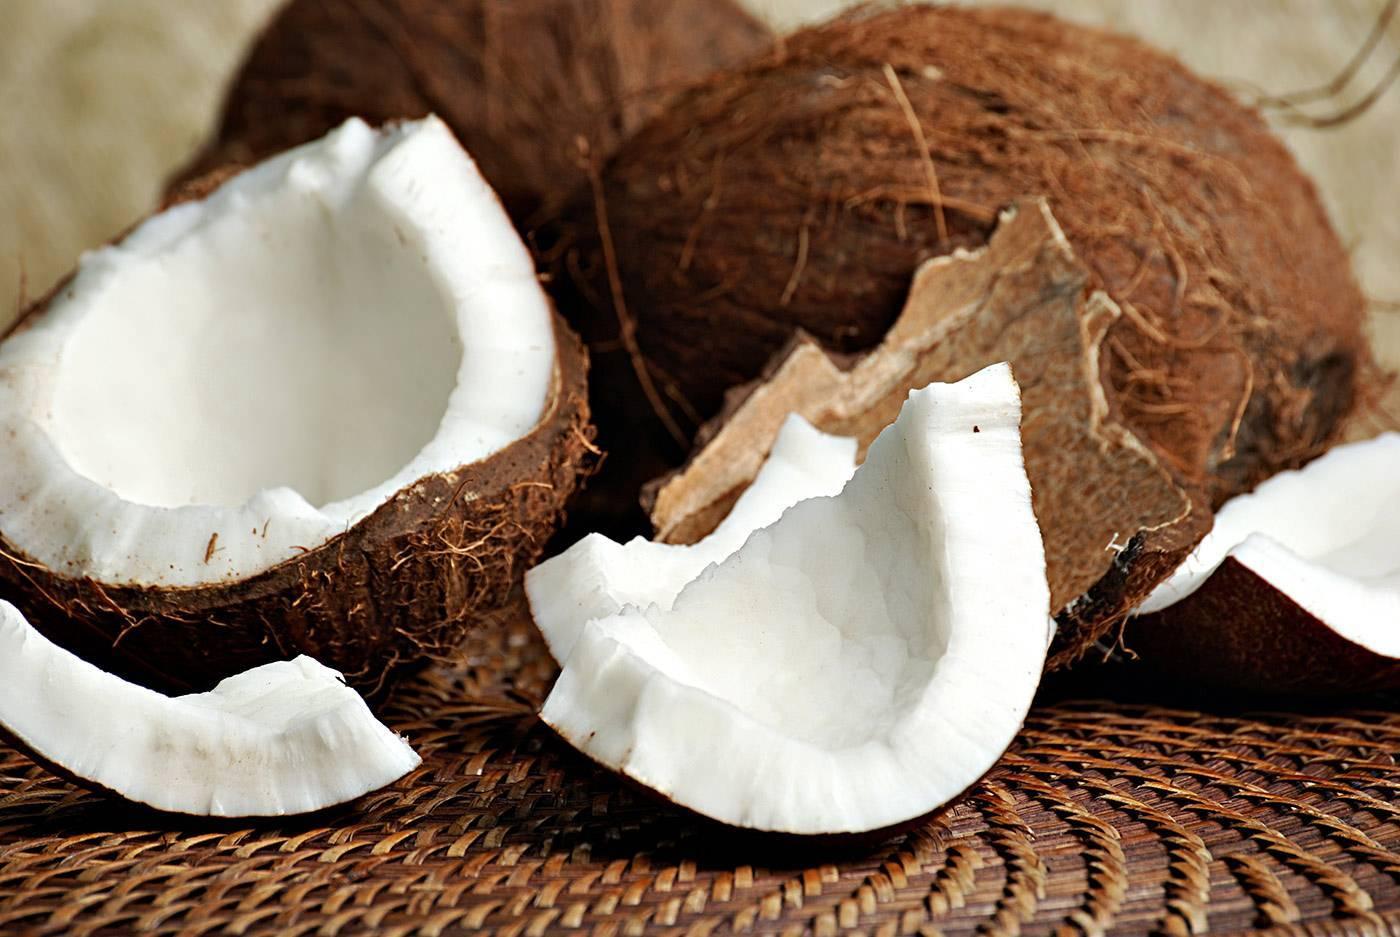 Кокос это фрукт или орех